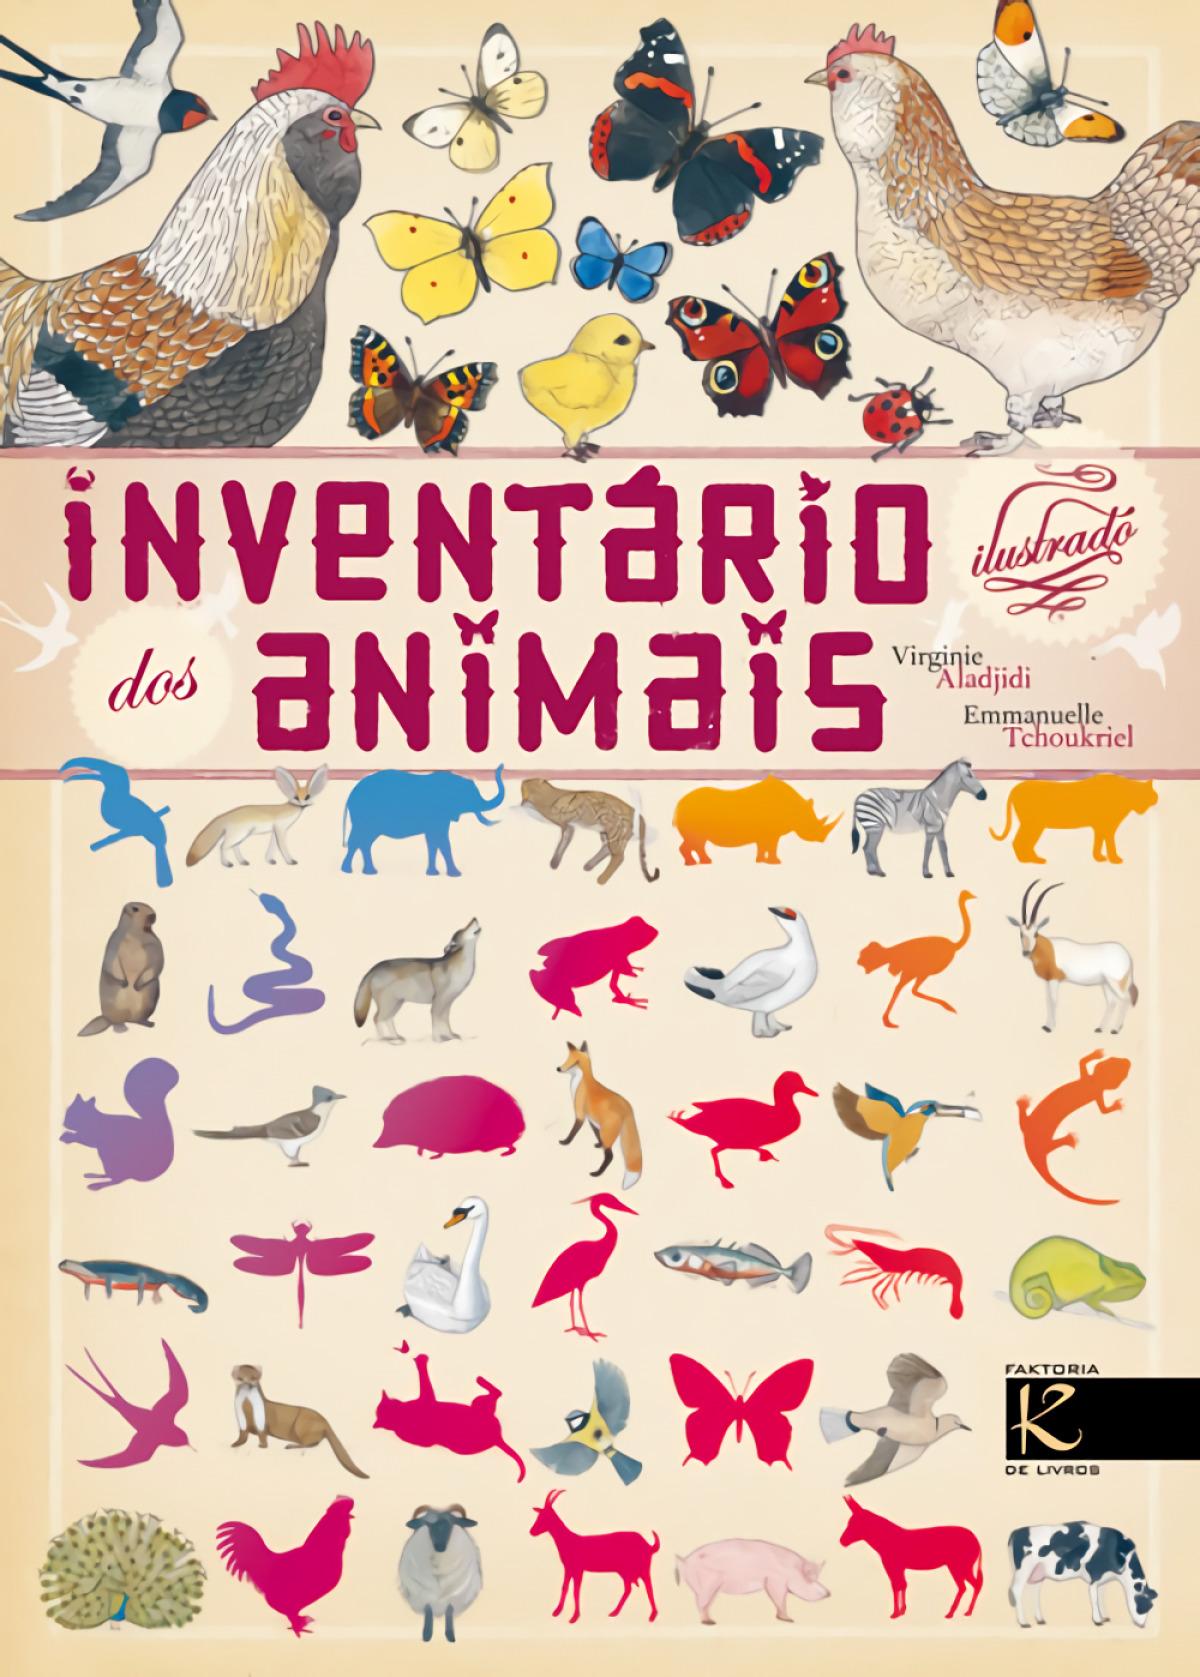 INVENTARIO ILUSTRADO DOS ANIMAIS